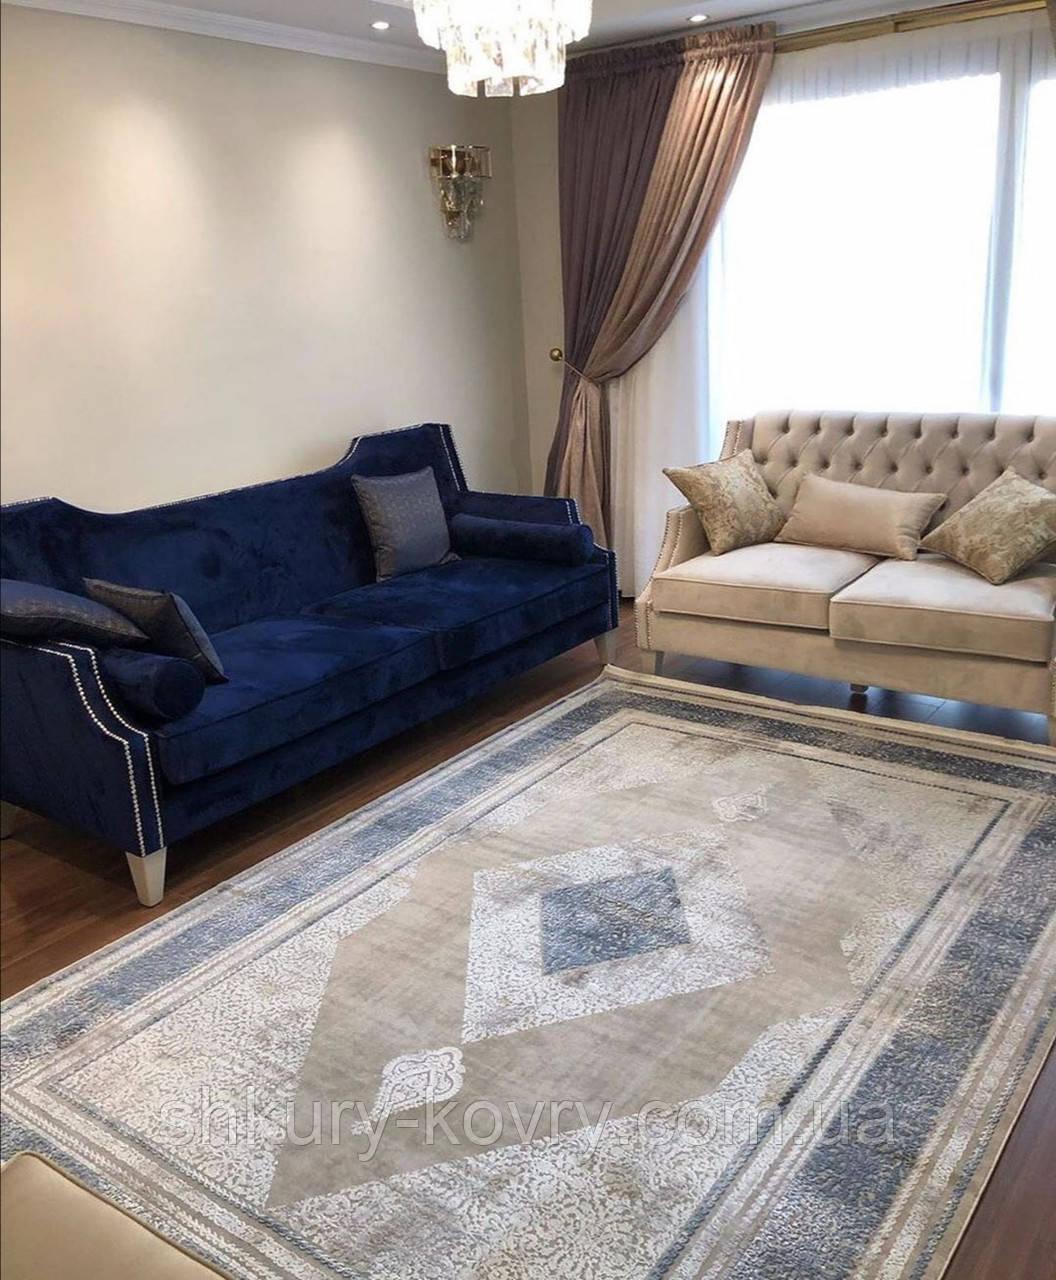 Строгий классический плотный шелковый ковер с синим рисунком и бежевым фоном